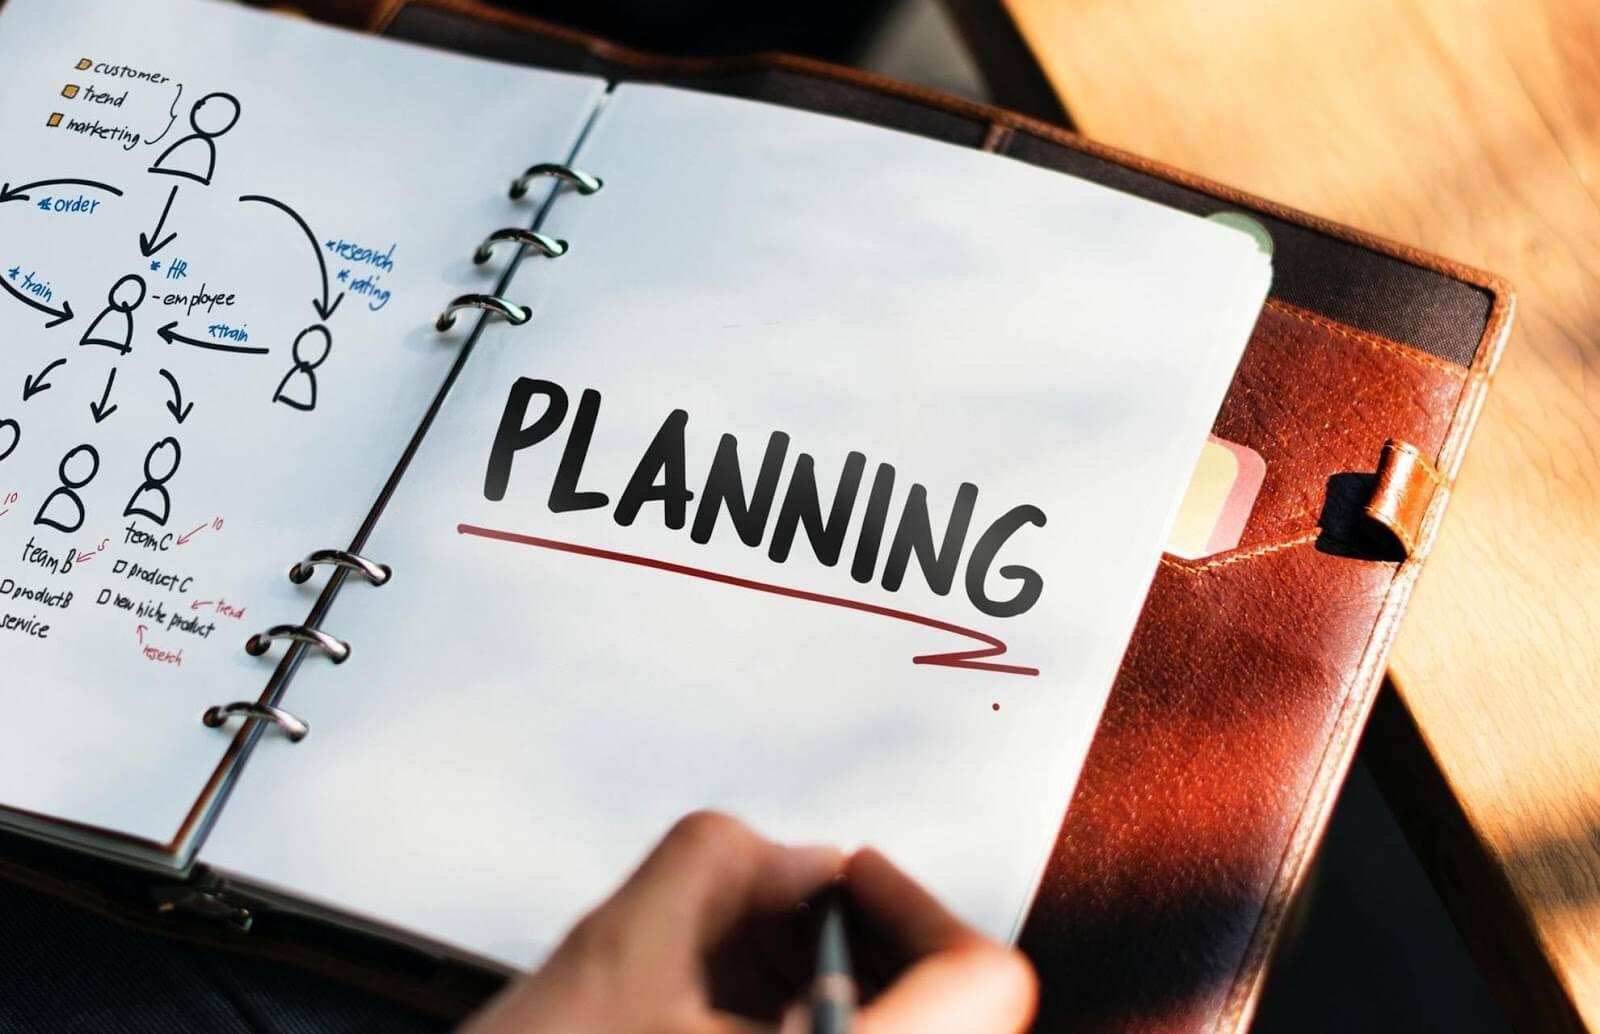 Truyền thông tích hợp (IMC plan) chính là cách chúng ta nhìn vào toàn bộ quá trình tiếp thị dưới góc nhìn của khách hàng